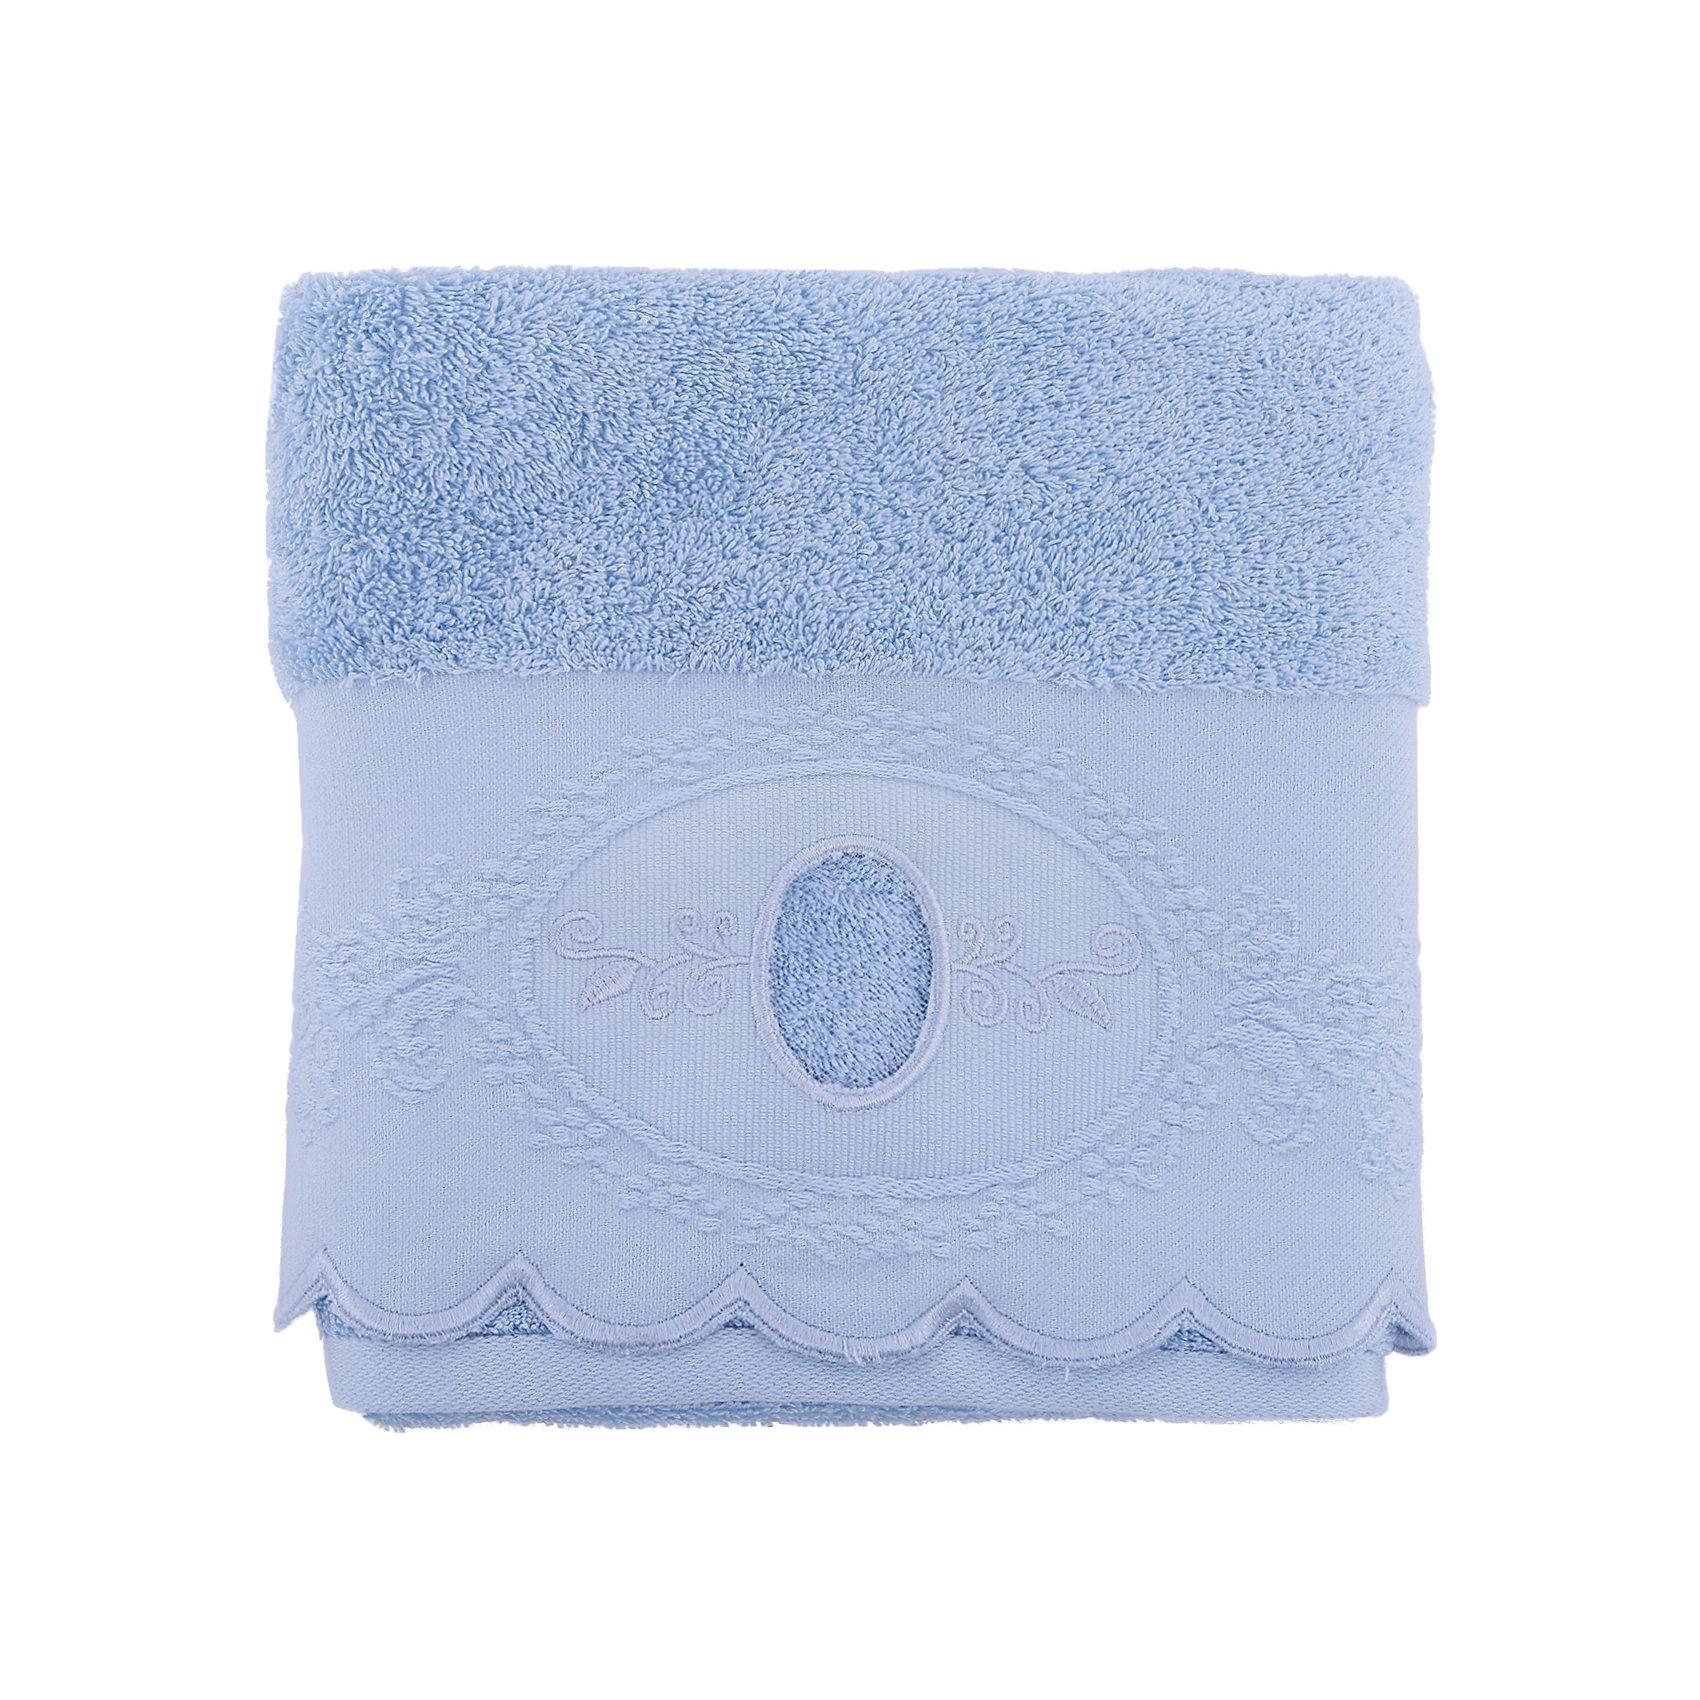 Полотенце махровое 50*90 Жаклин, Cozy Home, голубойВанная комната<br>Полотенце махровое 50*90 Жаклин, Cozy Home (Кози Хоум), голубой<br><br>Характеристики:<br><br>• хорошо впитывает влагу<br>• изысканный дизайн<br>• материал: хлопок<br>• размер: 50х90 см<br>• цвет: голубой<br><br>Махровое полотенце от Cozy Home порадует вас своей мягкостью и прочностью. Оно изготовлено из качественного хлопка. Как известно, хлопок - гипоаллергенный материал, приятный телу. Он не теряет свою форму, практически не мнется и даже обладает антибактериальными свойствами. Полотенца из хлопка хорошо впитывают влагу, обладая высокой гигроскопичностью. Полотенце дополнено волнистым узором, вышивкой по краю и отлично подойдет к любому интерьеру ванной комнаты.<br><br>Полотенце махровое 50*90 Жаклин, Cozy Home (Кози Хоум), голубой вы можете купить в нашем интернет-магазине.<br><br>Ширина мм: 150<br>Глубина мм: 250<br>Высота мм: 150<br>Вес г: 250<br>Возраст от месяцев: 0<br>Возраст до месяцев: 216<br>Пол: Унисекс<br>Возраст: Детский<br>SKU: 5355283